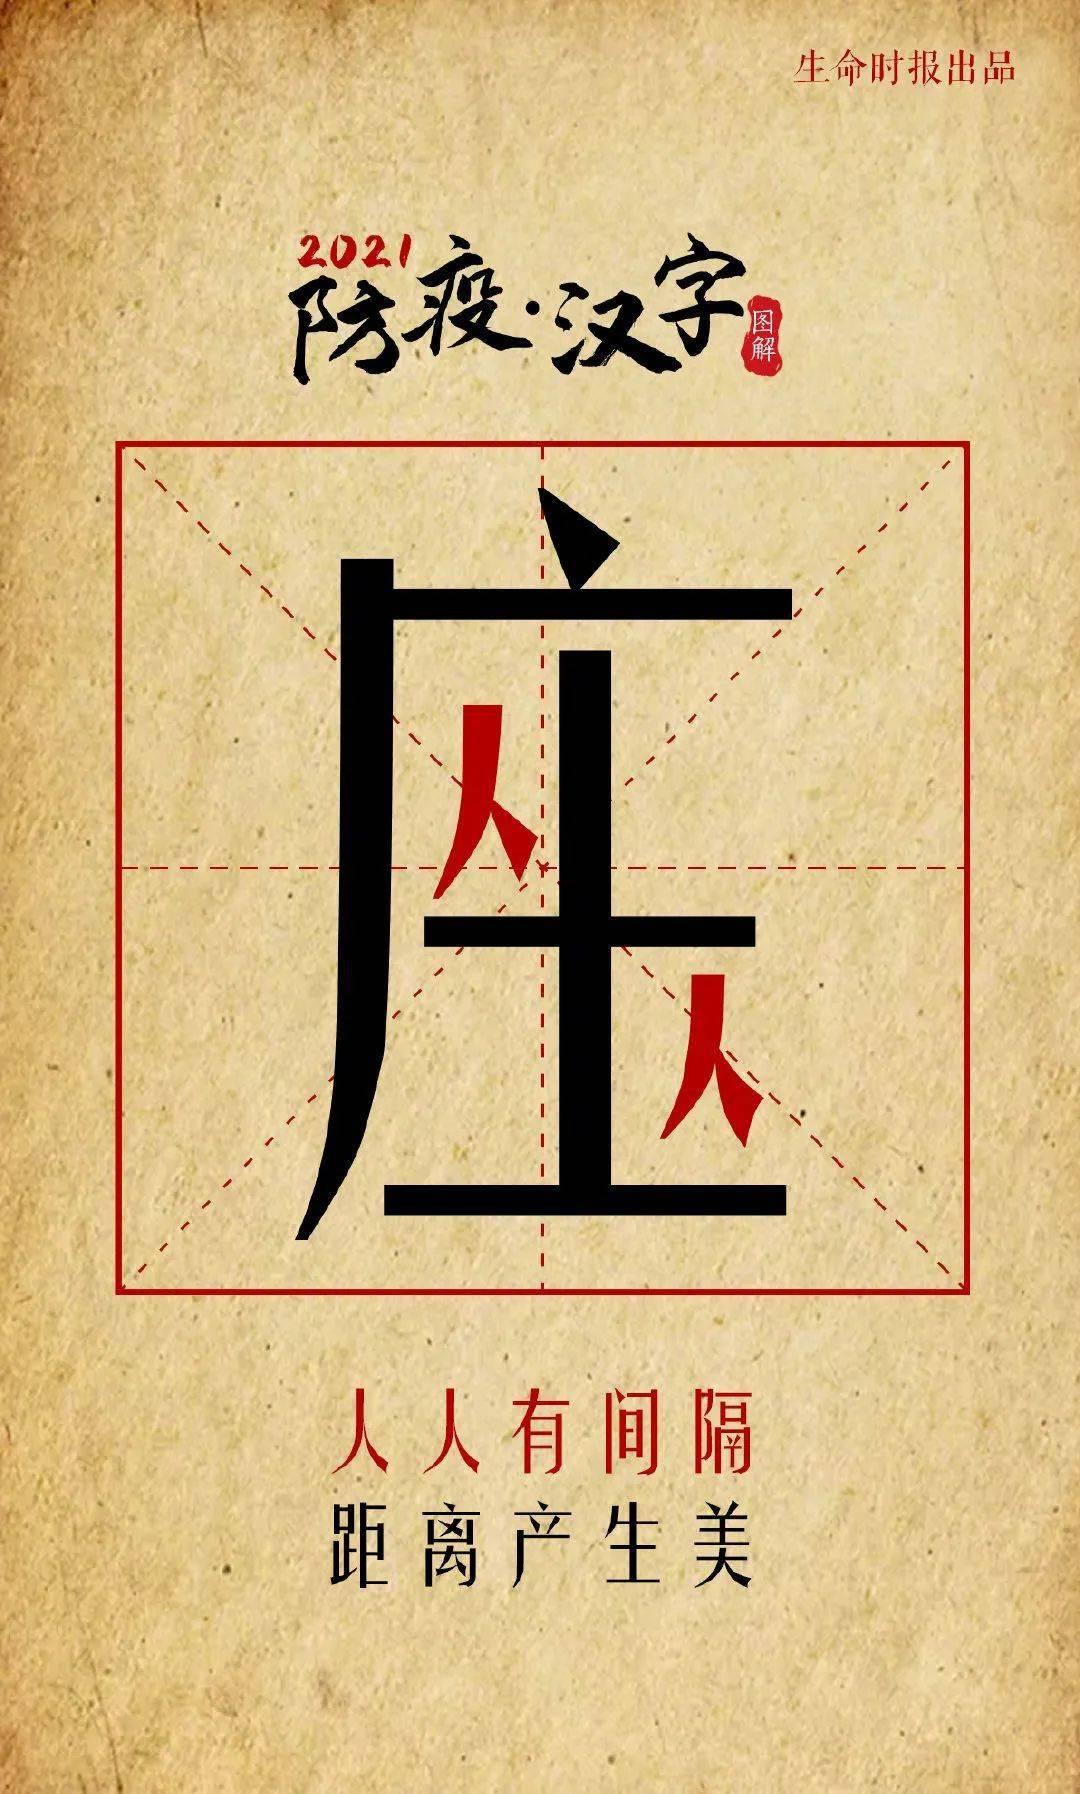 汉字的美:形式美、结构美、生命美、流动美,造就了一切的美  说说汉字的美200字